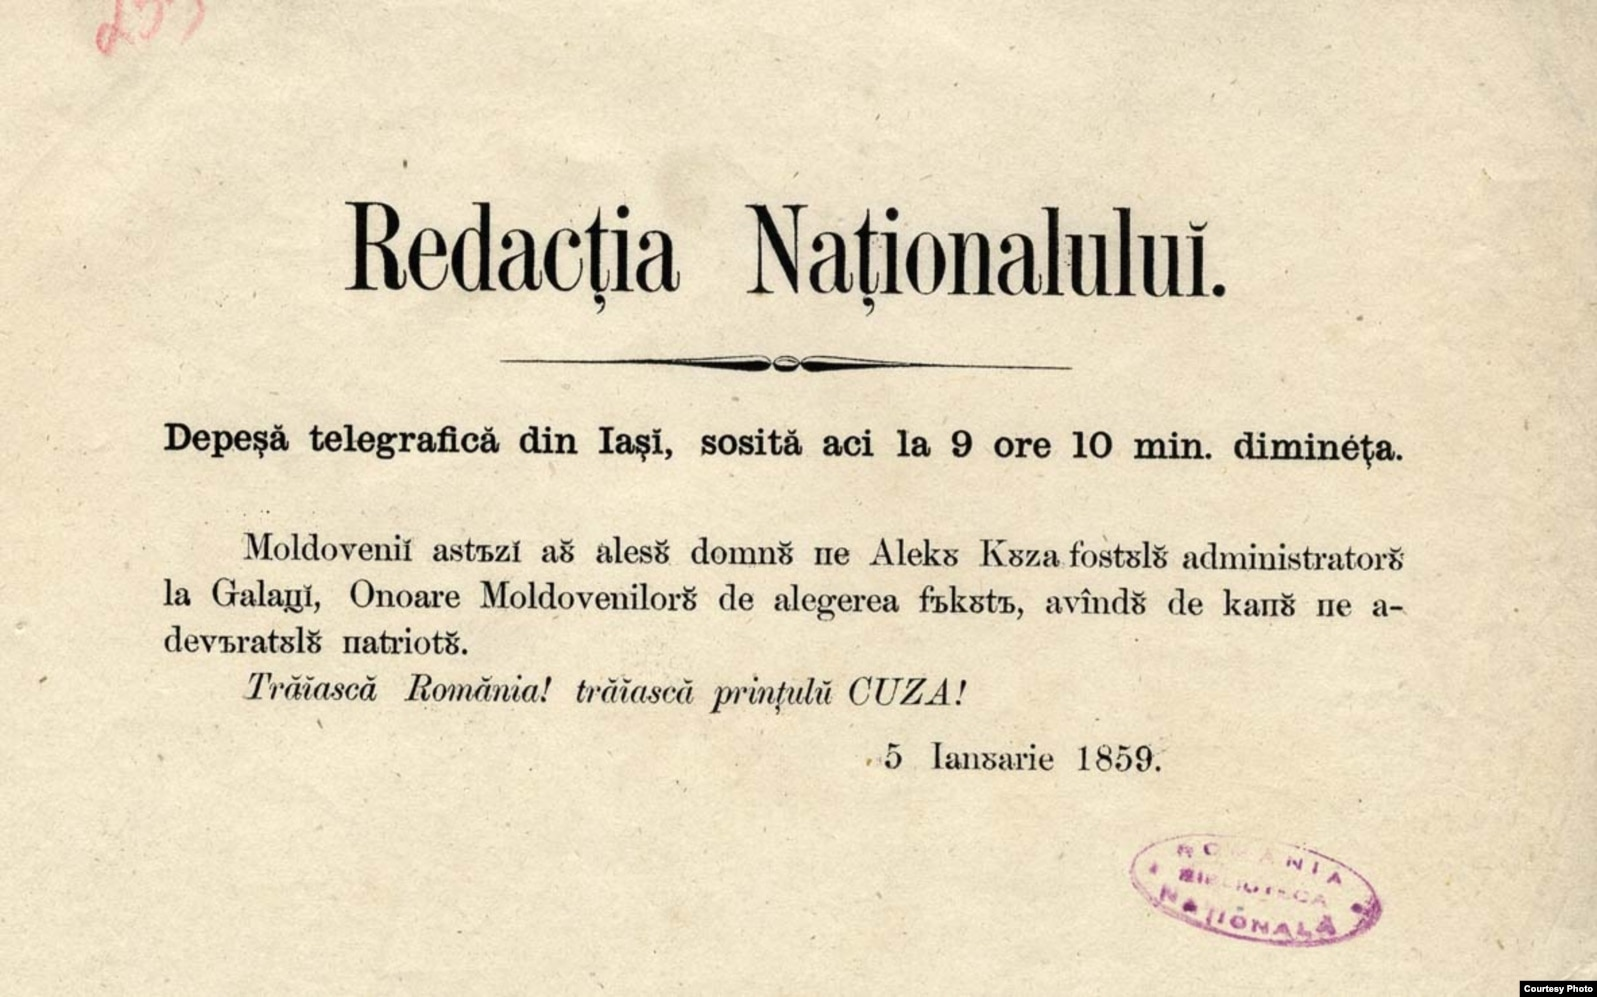 Unirea Principatelor, telegrama anuntând alegerea lui Alexandru Ioan Cuza la Iași. Momentul nașterii României moderne.